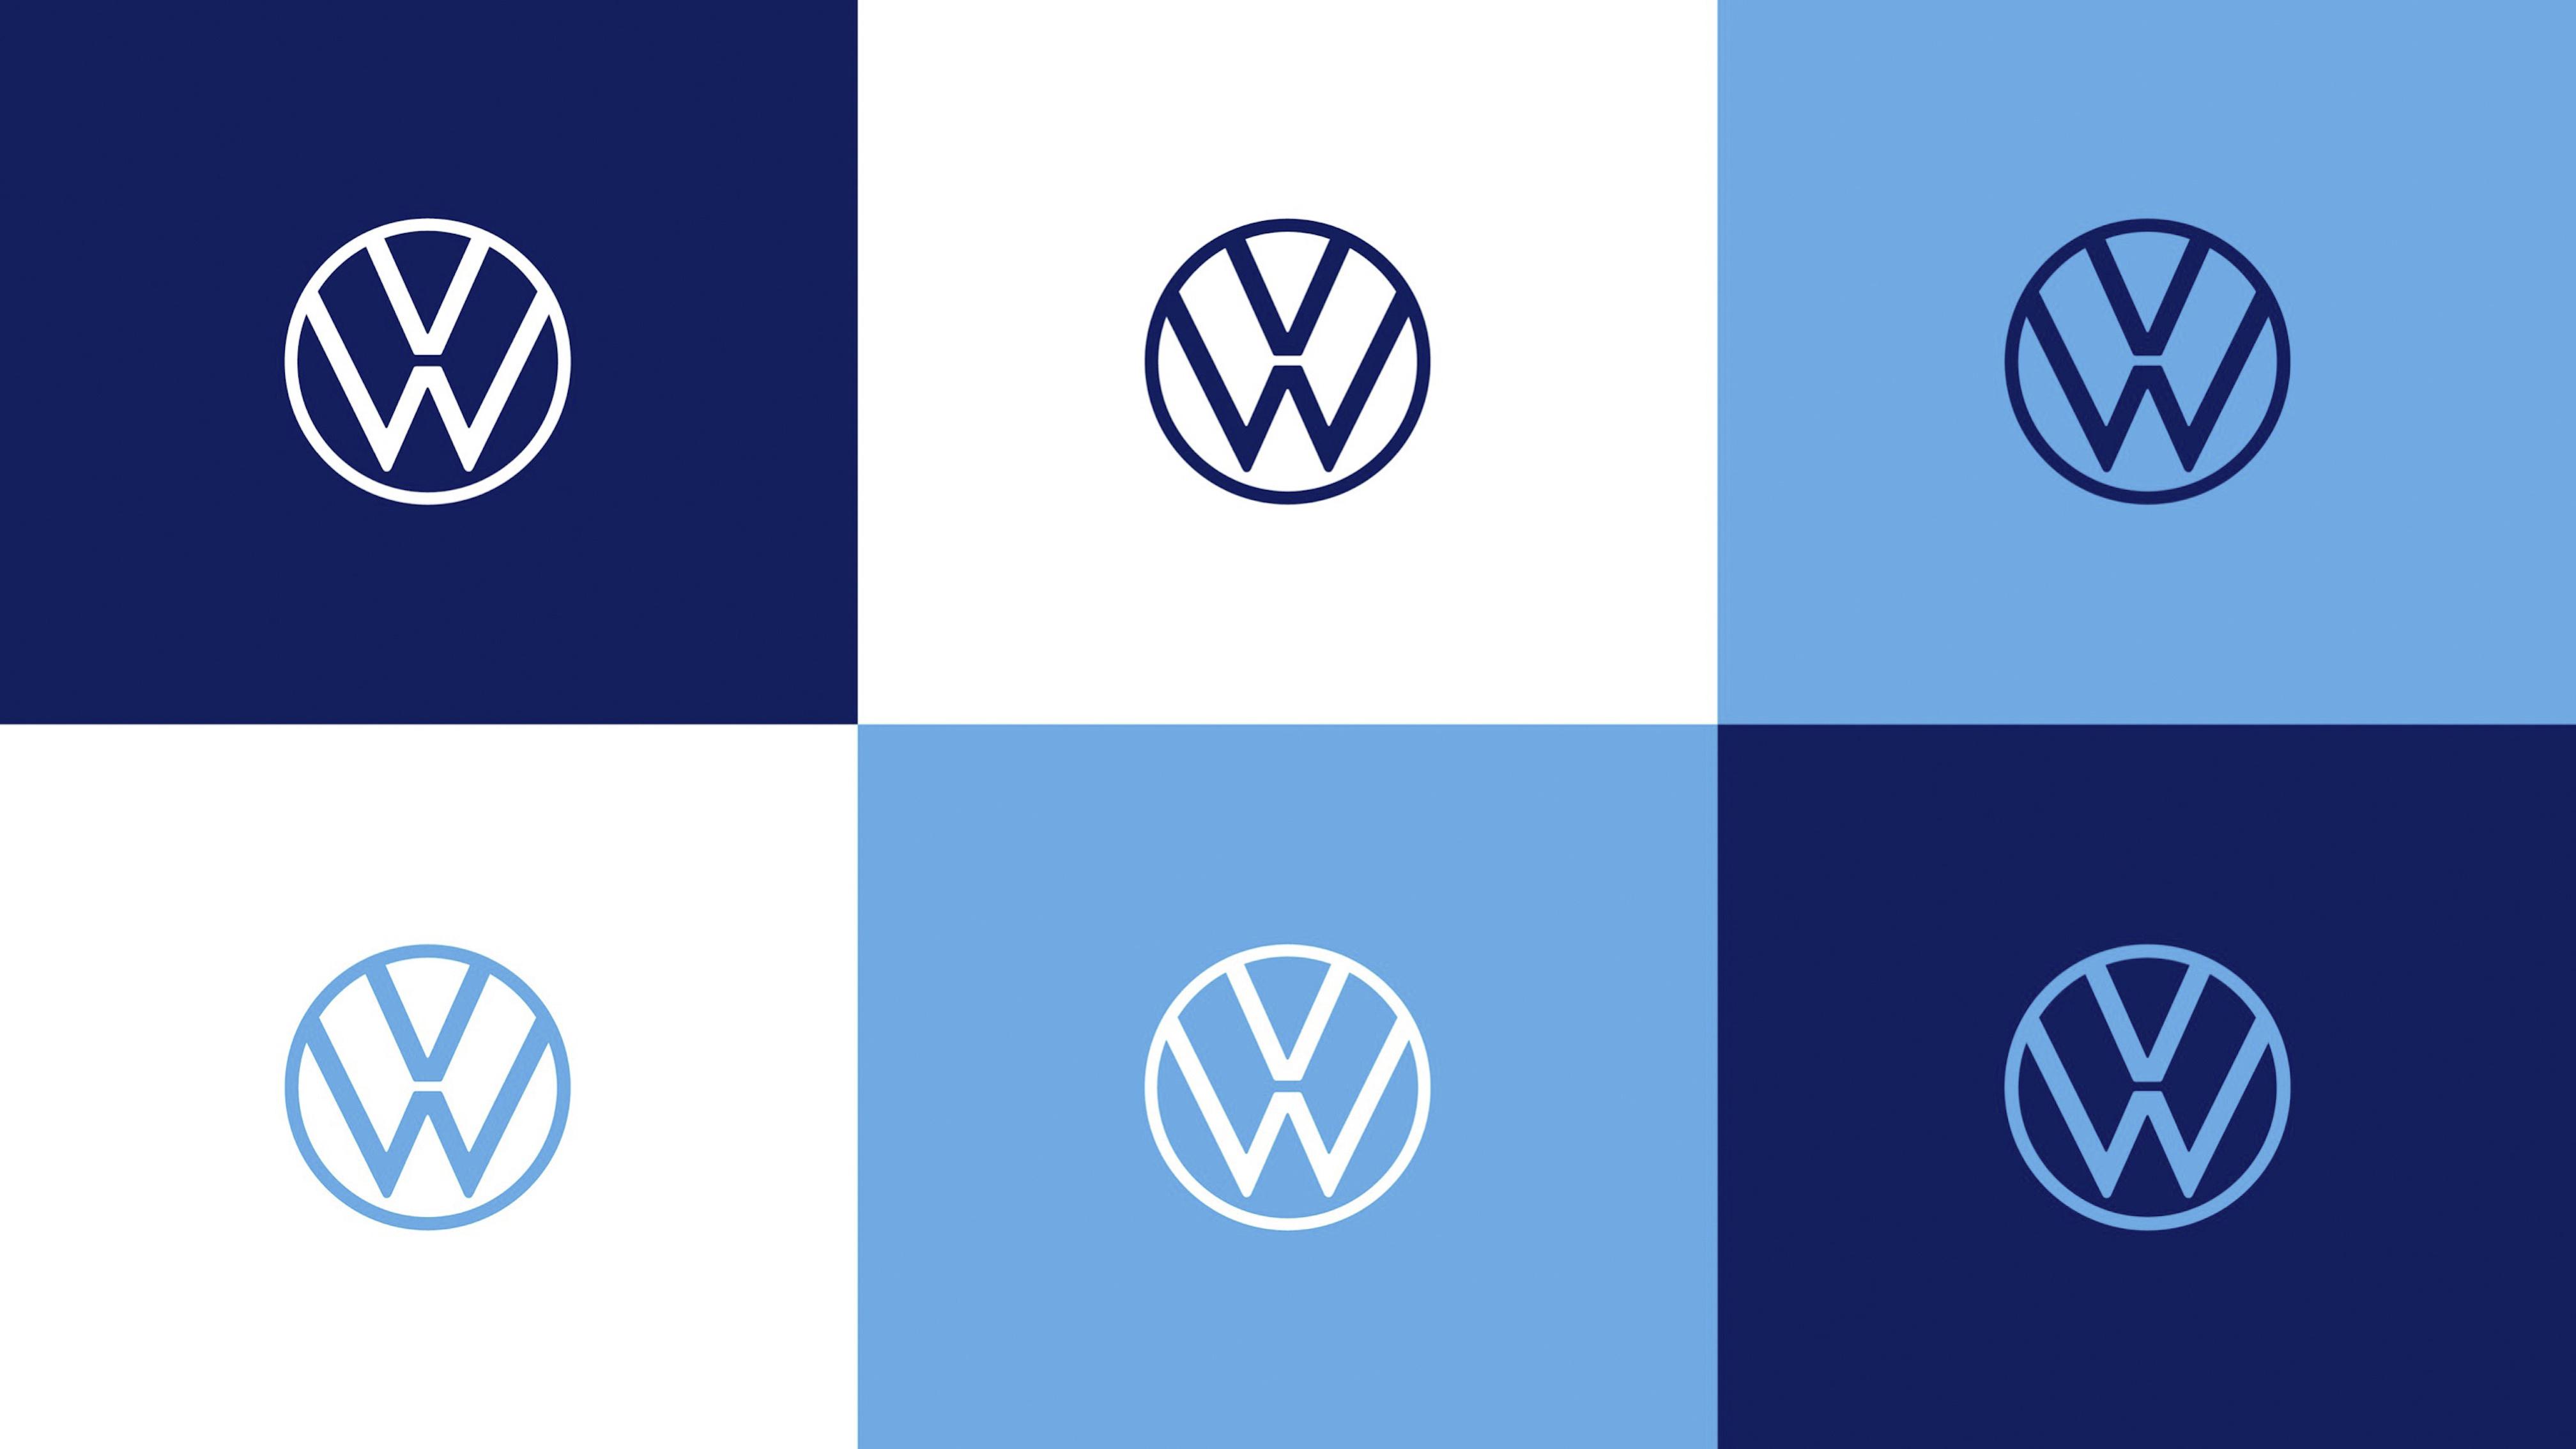 【2020 台北車展】Volkswagen 新廠徽將於車展亮相,廣告口號將由女聲取代